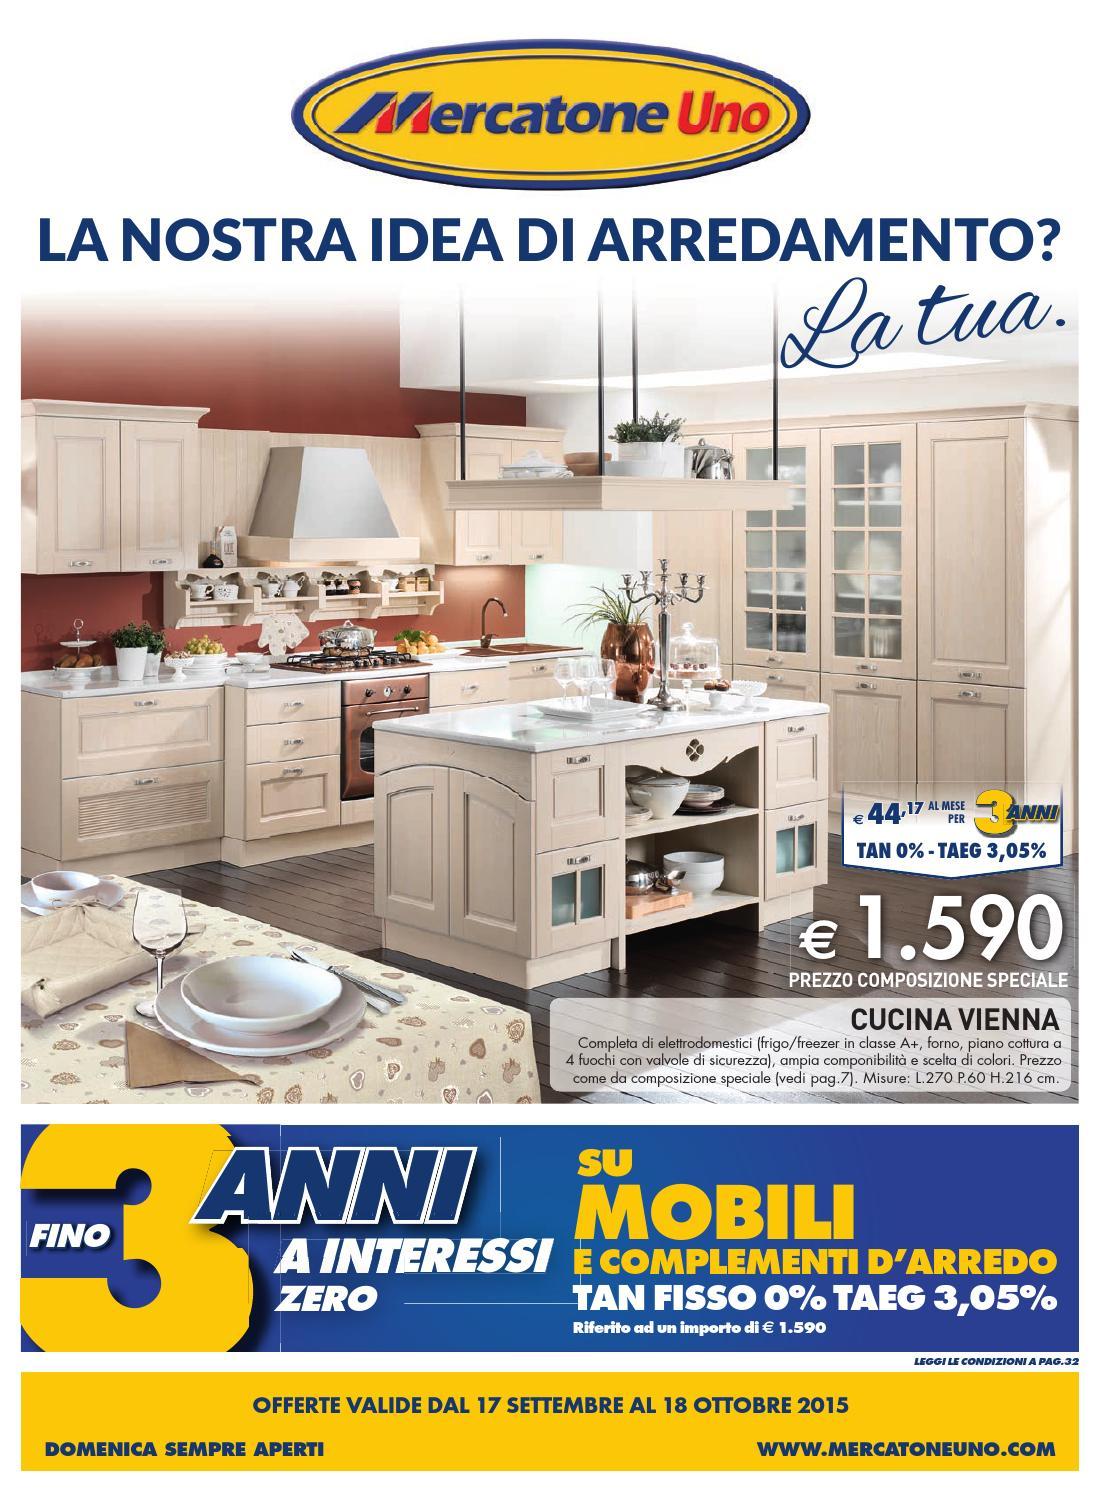 Mercatoneuno catalogo 17settembre 18ottobre2015 by - Cucina completa mercatone uno ...